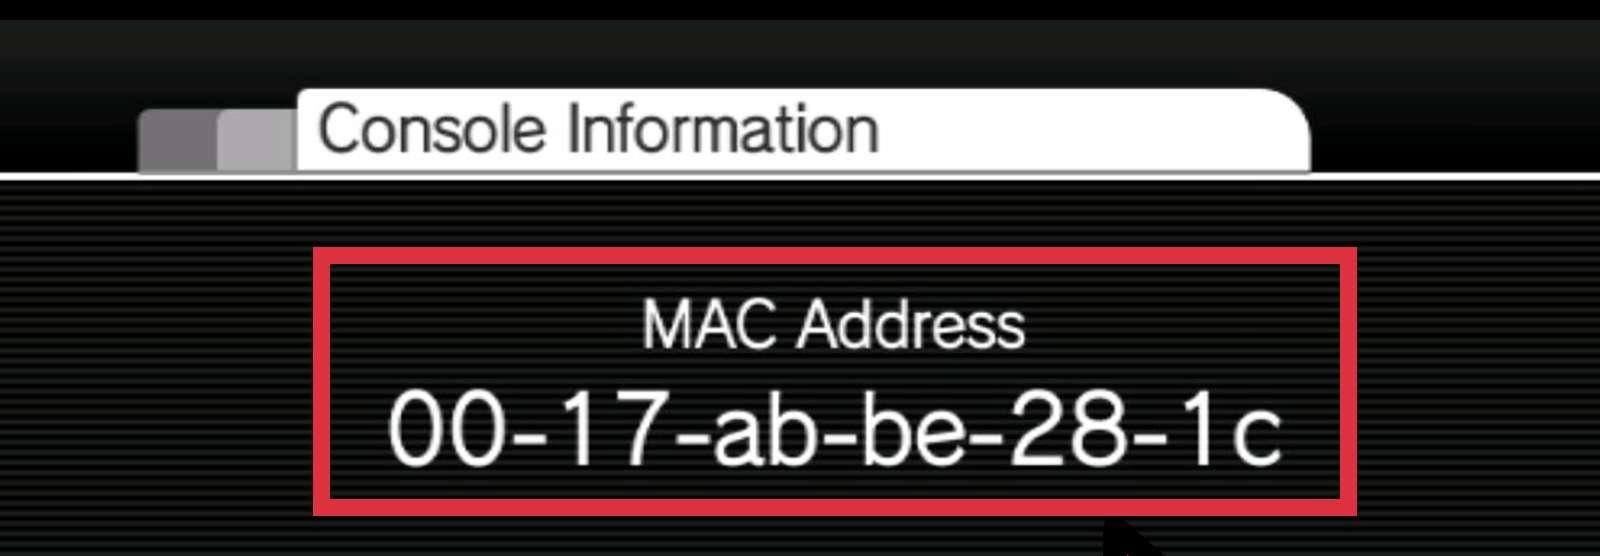 Як дізнатися MAC-адресу компютера: 6 простих способів